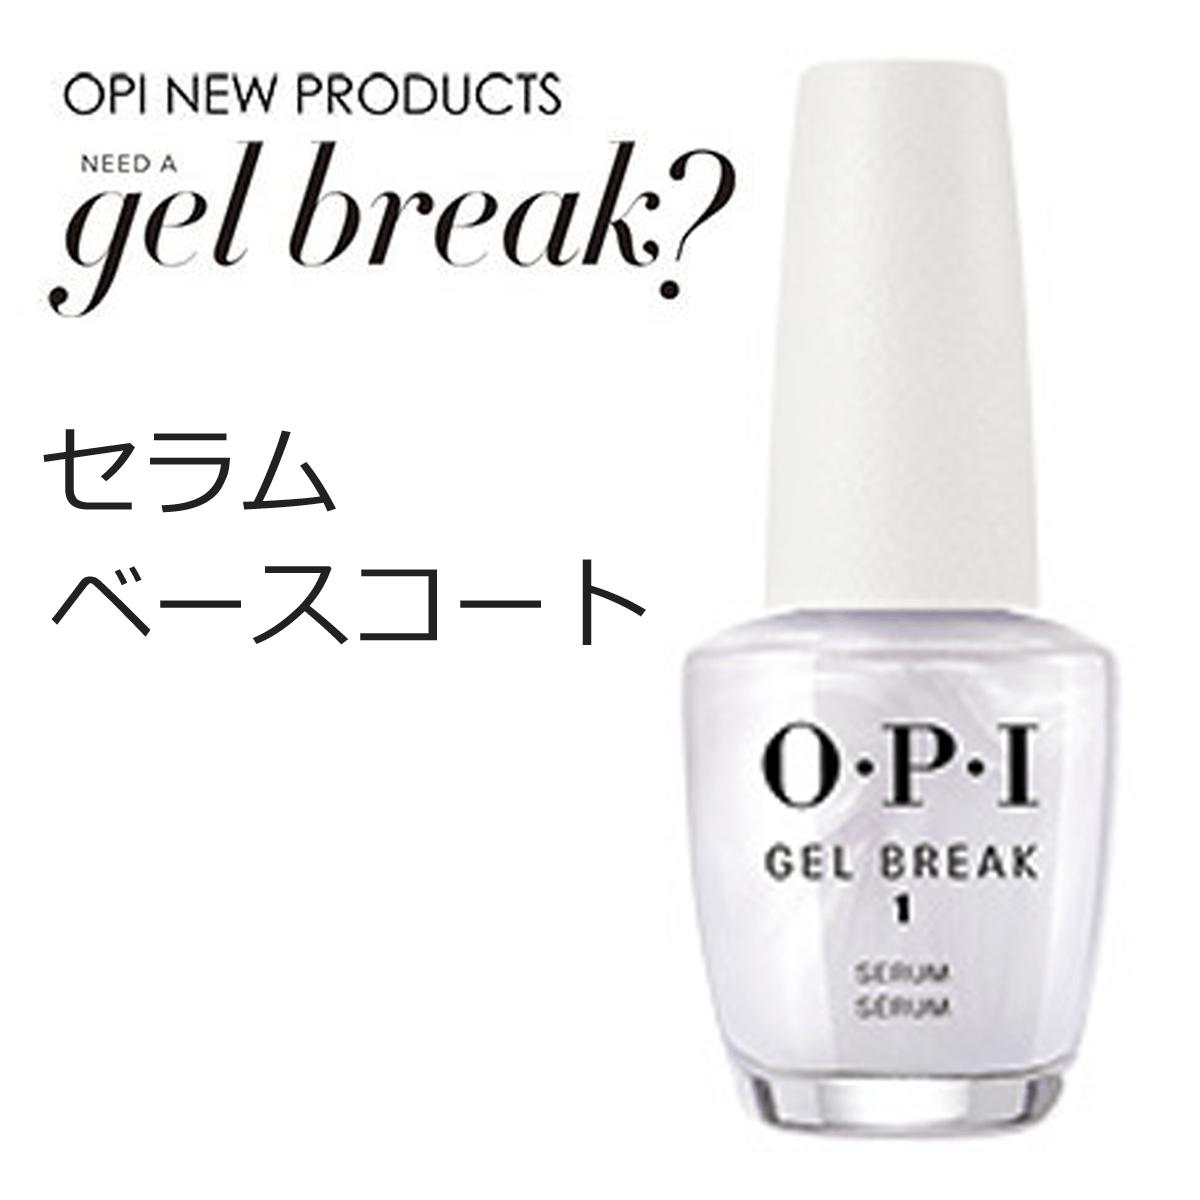 OPI ジェルブレイク セラム ベースコート NTR01 15ml ジェルで傷んだ 割れ 薄い爪 二枚爪 ダメージ補修 美容液 乾燥 うるおい